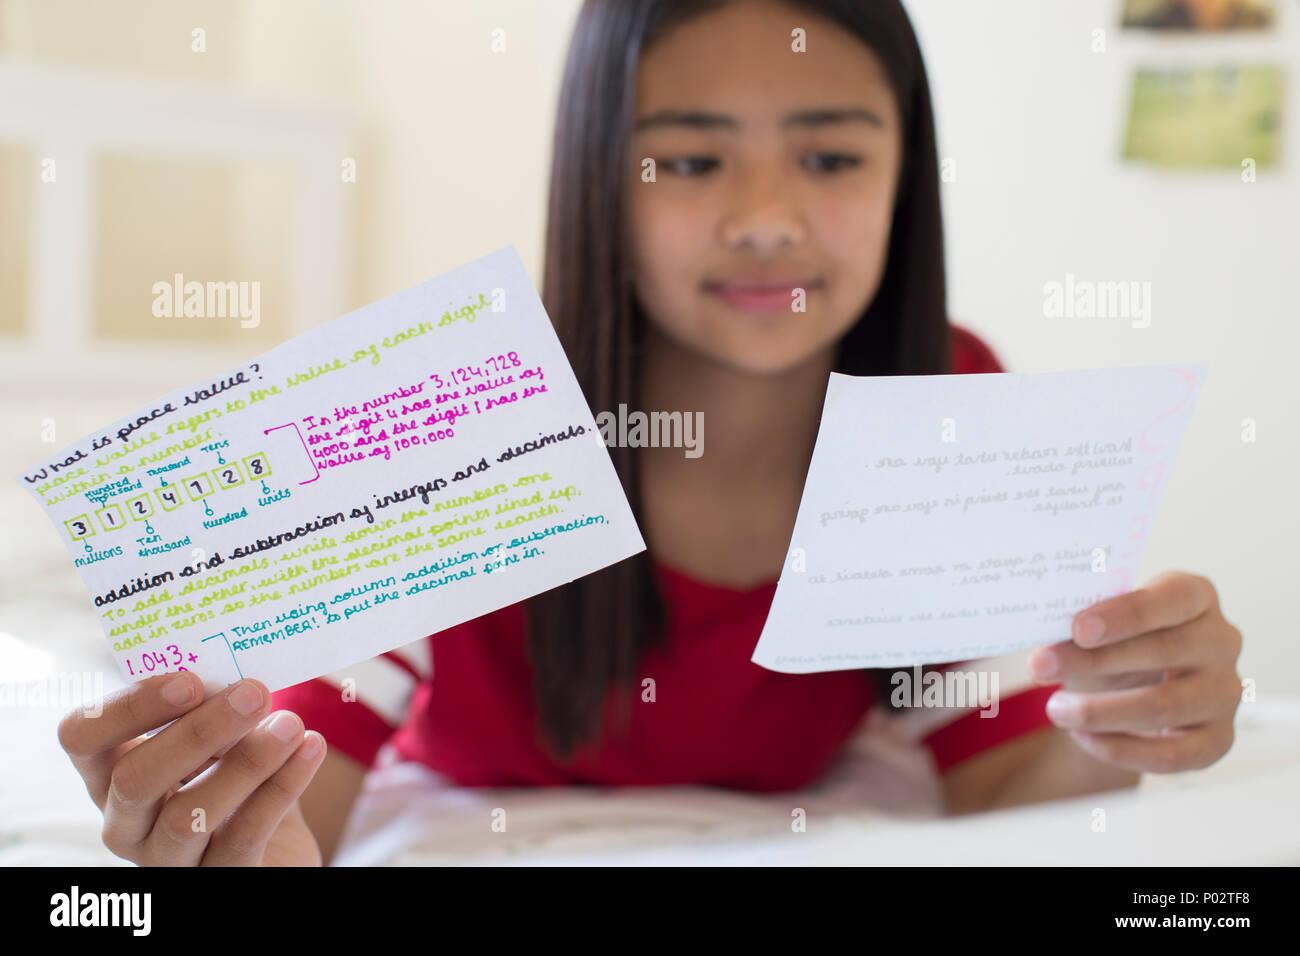 Ragazza distesa sul letto scritto utilizzando le schede di studio per aiutare con la revisione Immagini Stock